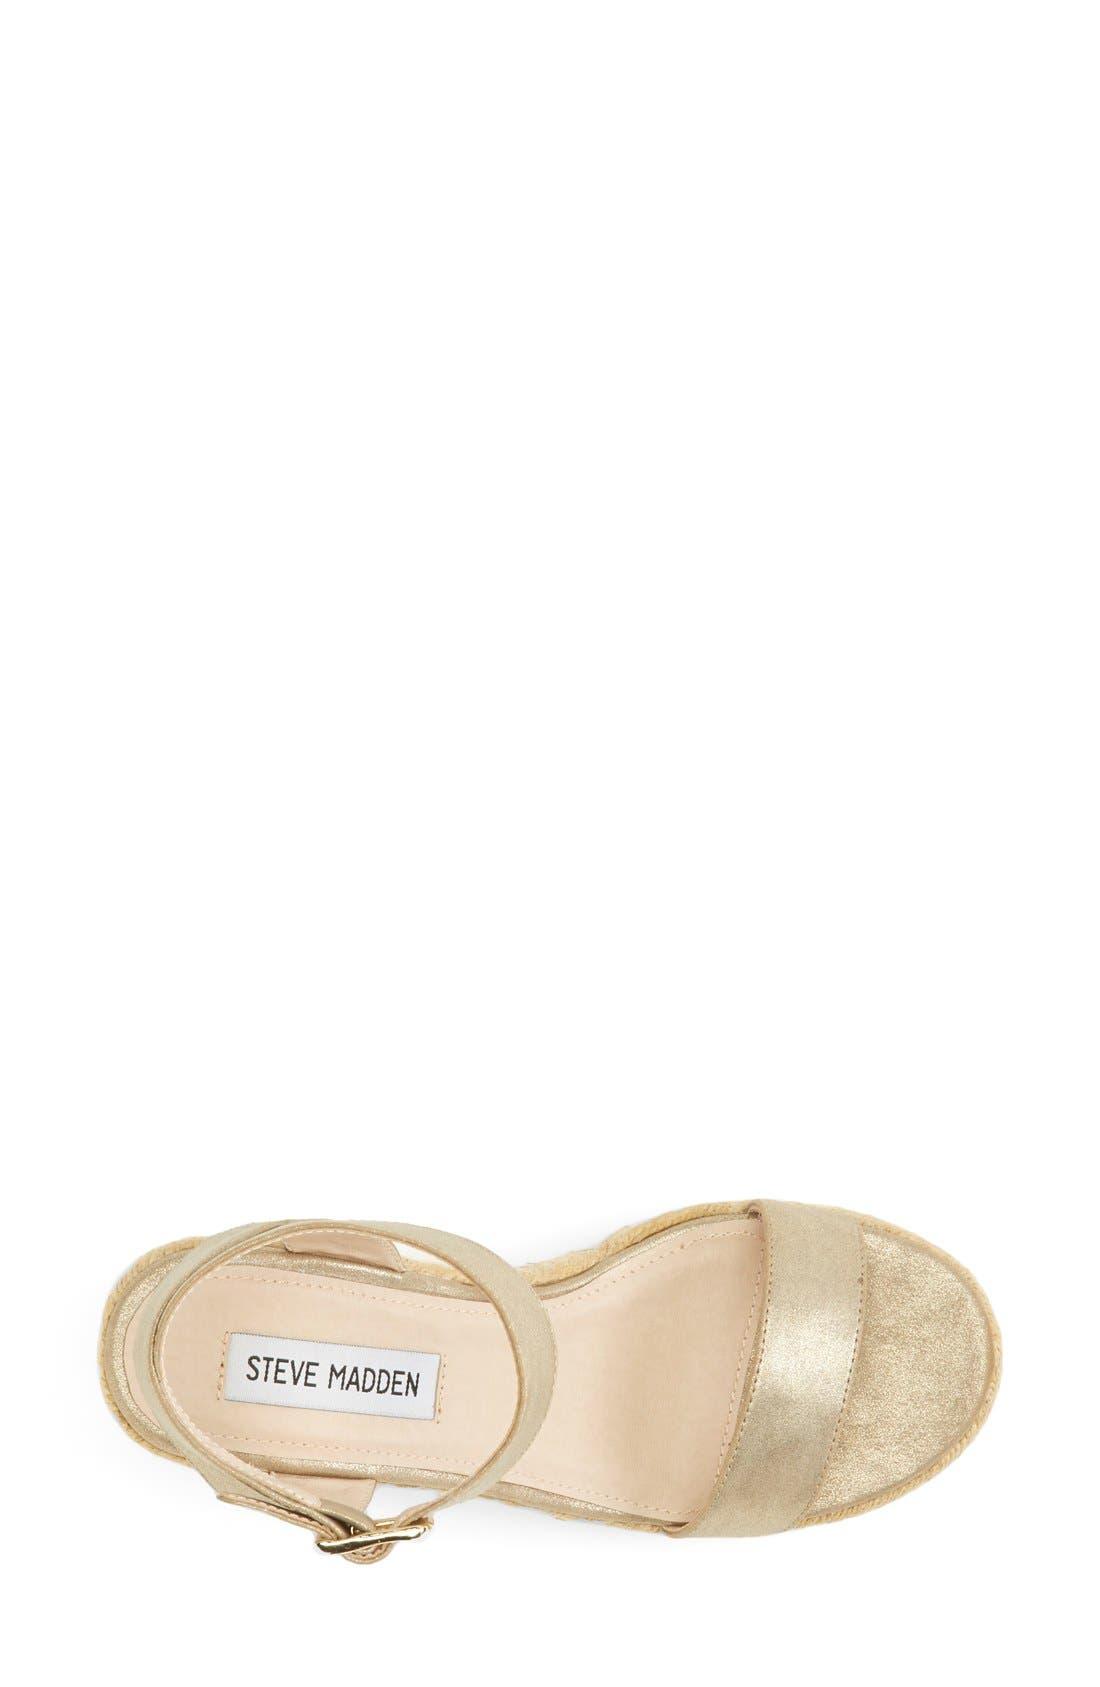 Alternate Image 3  - Steve Madden 'Seaside' Wedge Sandal (Women)